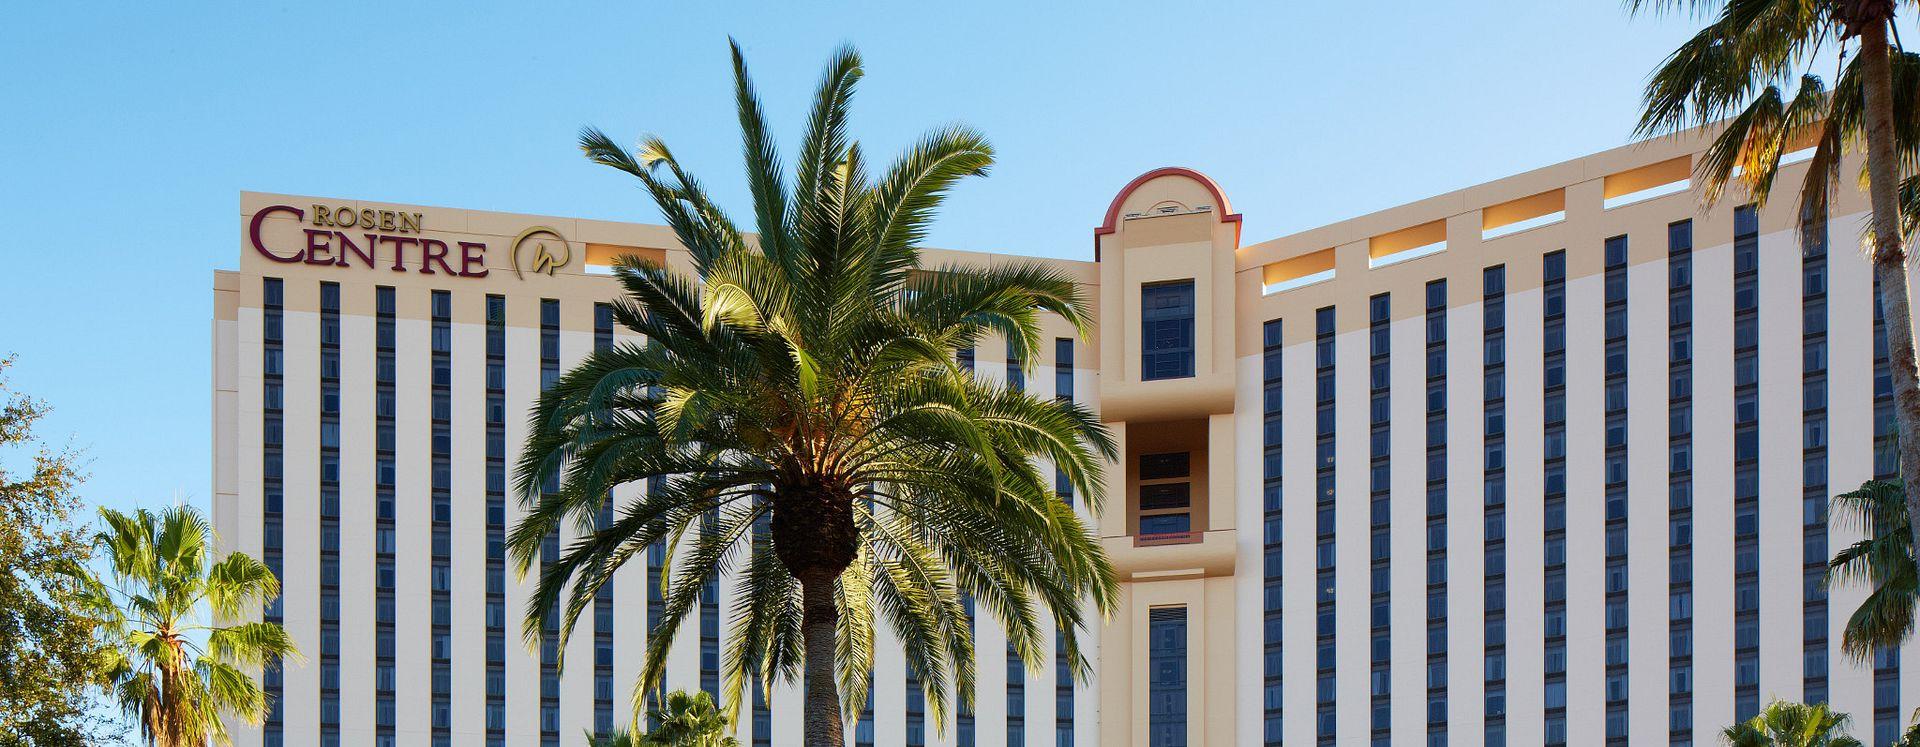 fachada del edificio Rosen Centre Hotel